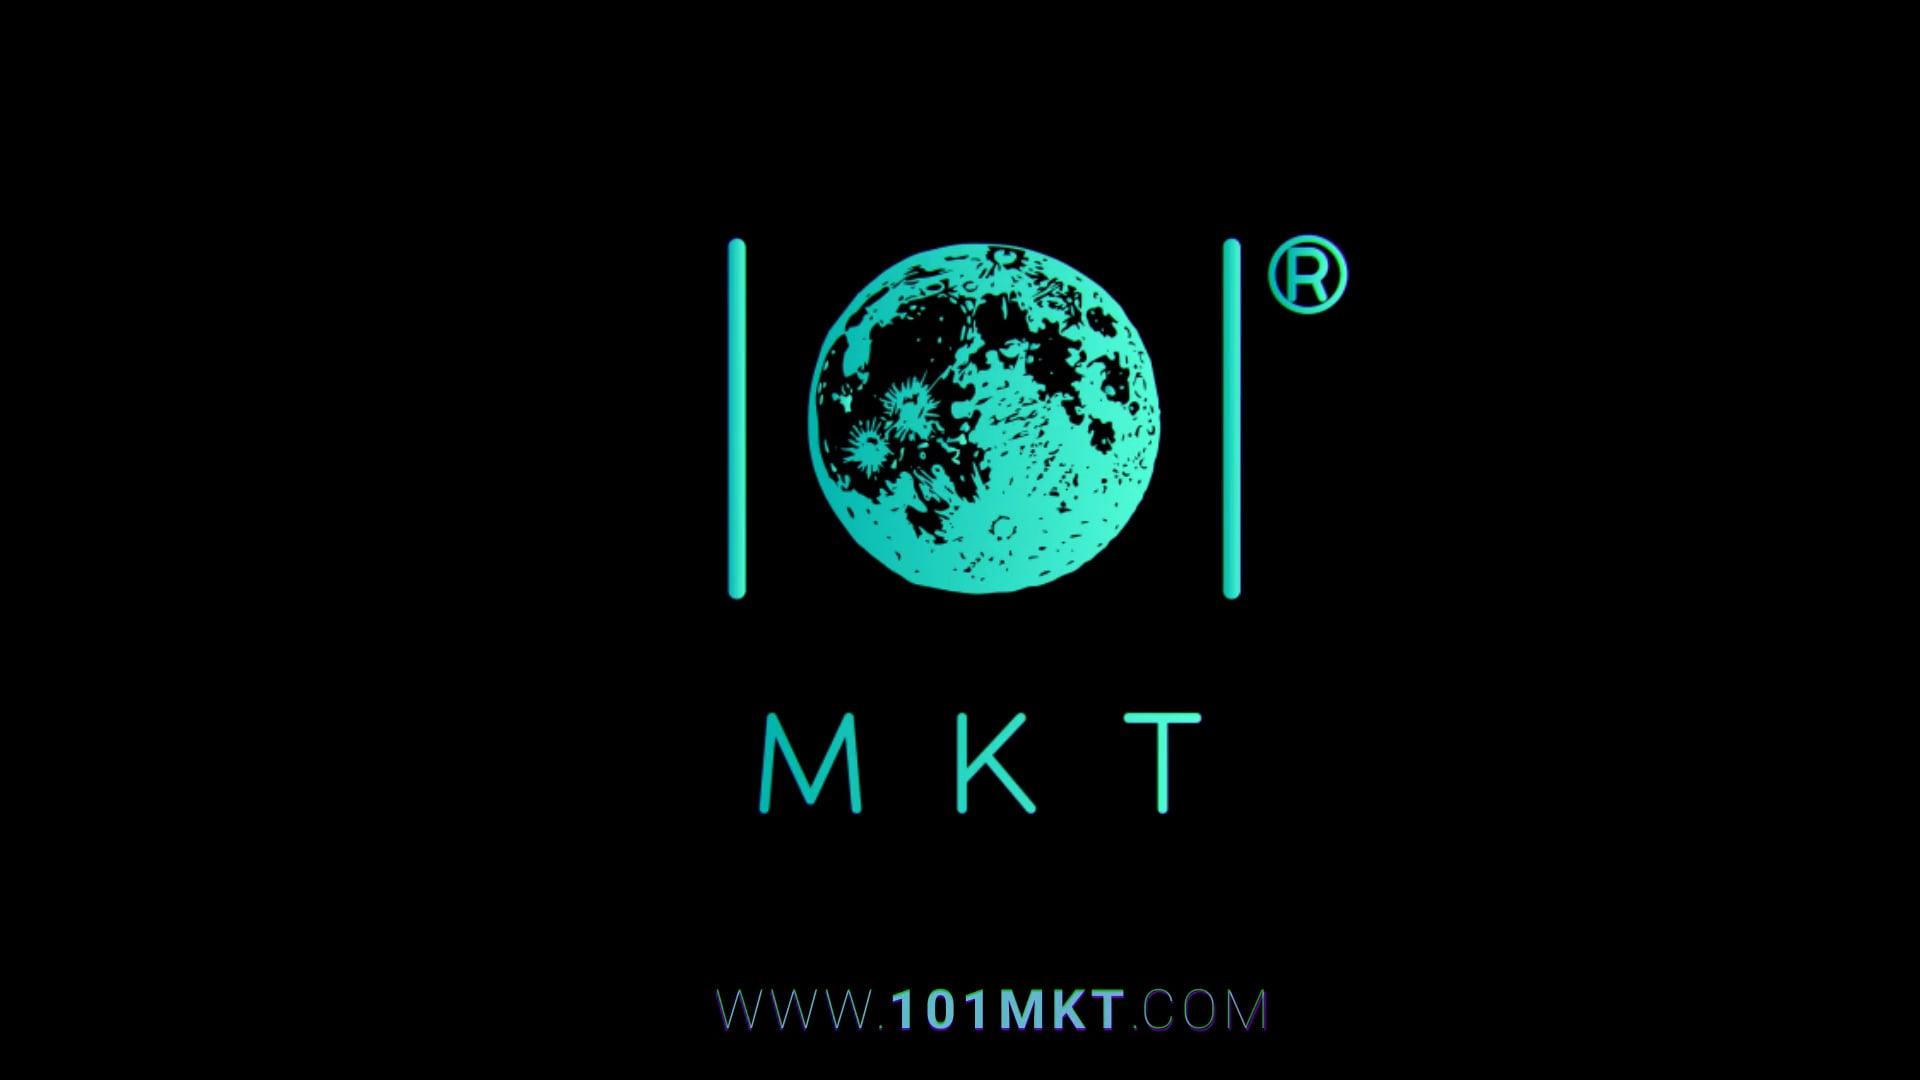 101 mkt